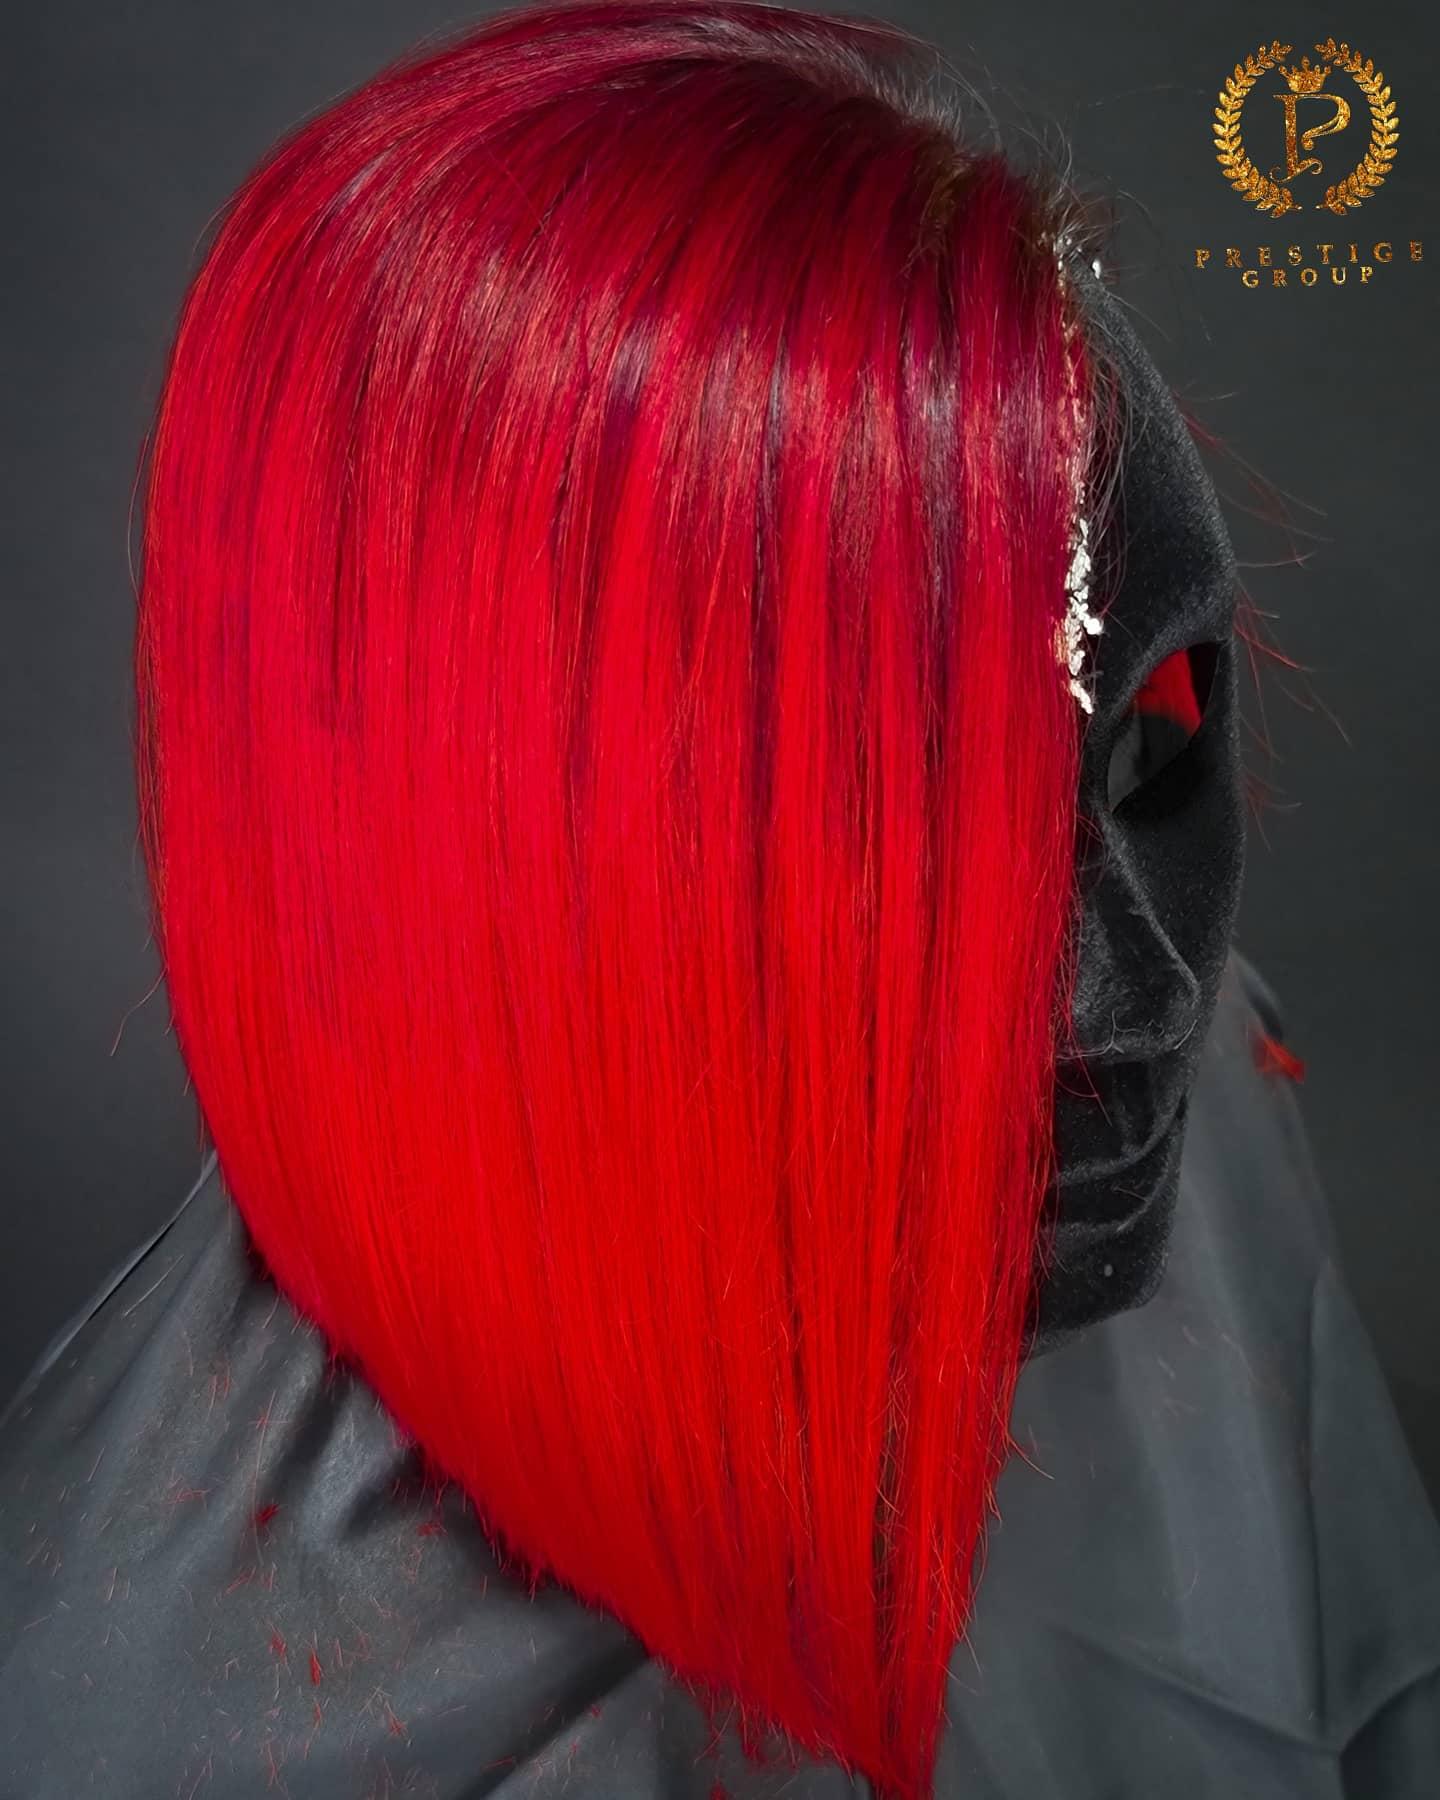 RED HAIR HAIFA